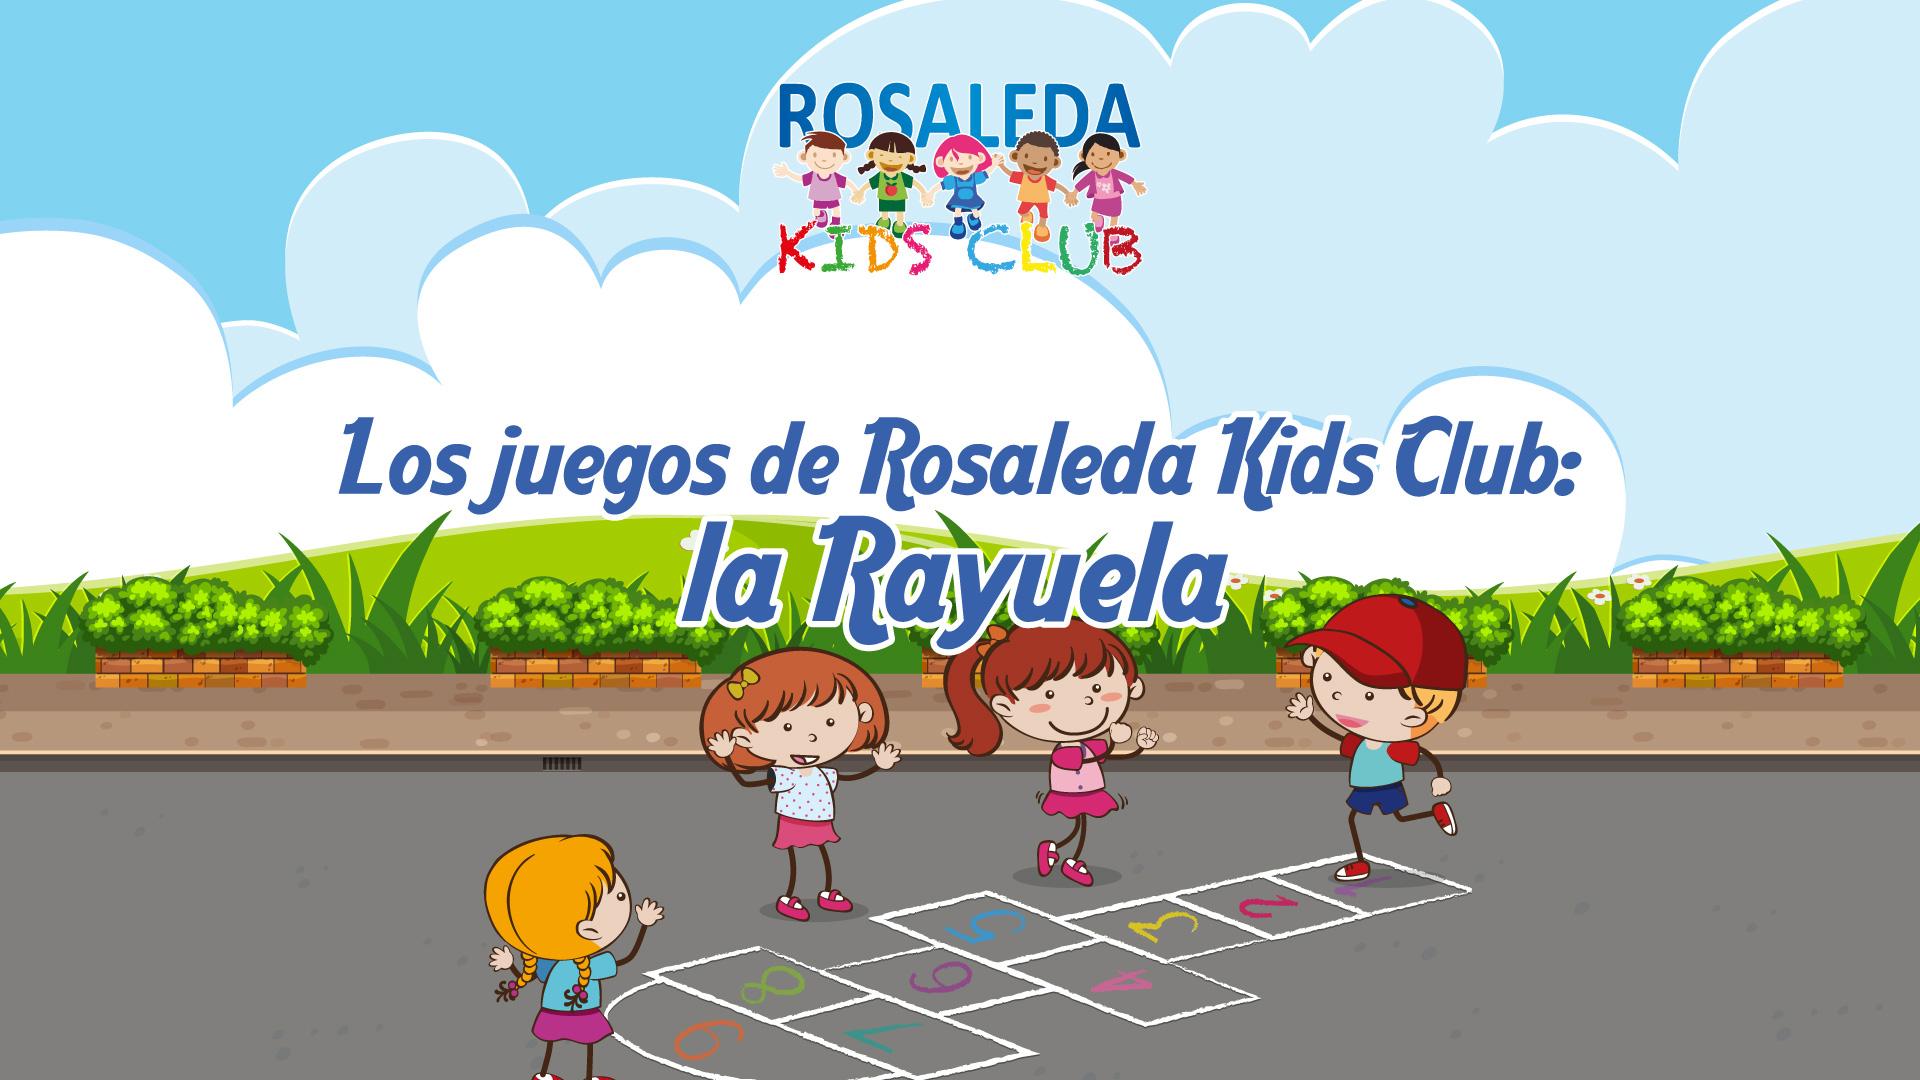 Los juegos de Rosaleda Kids Club la rayuela